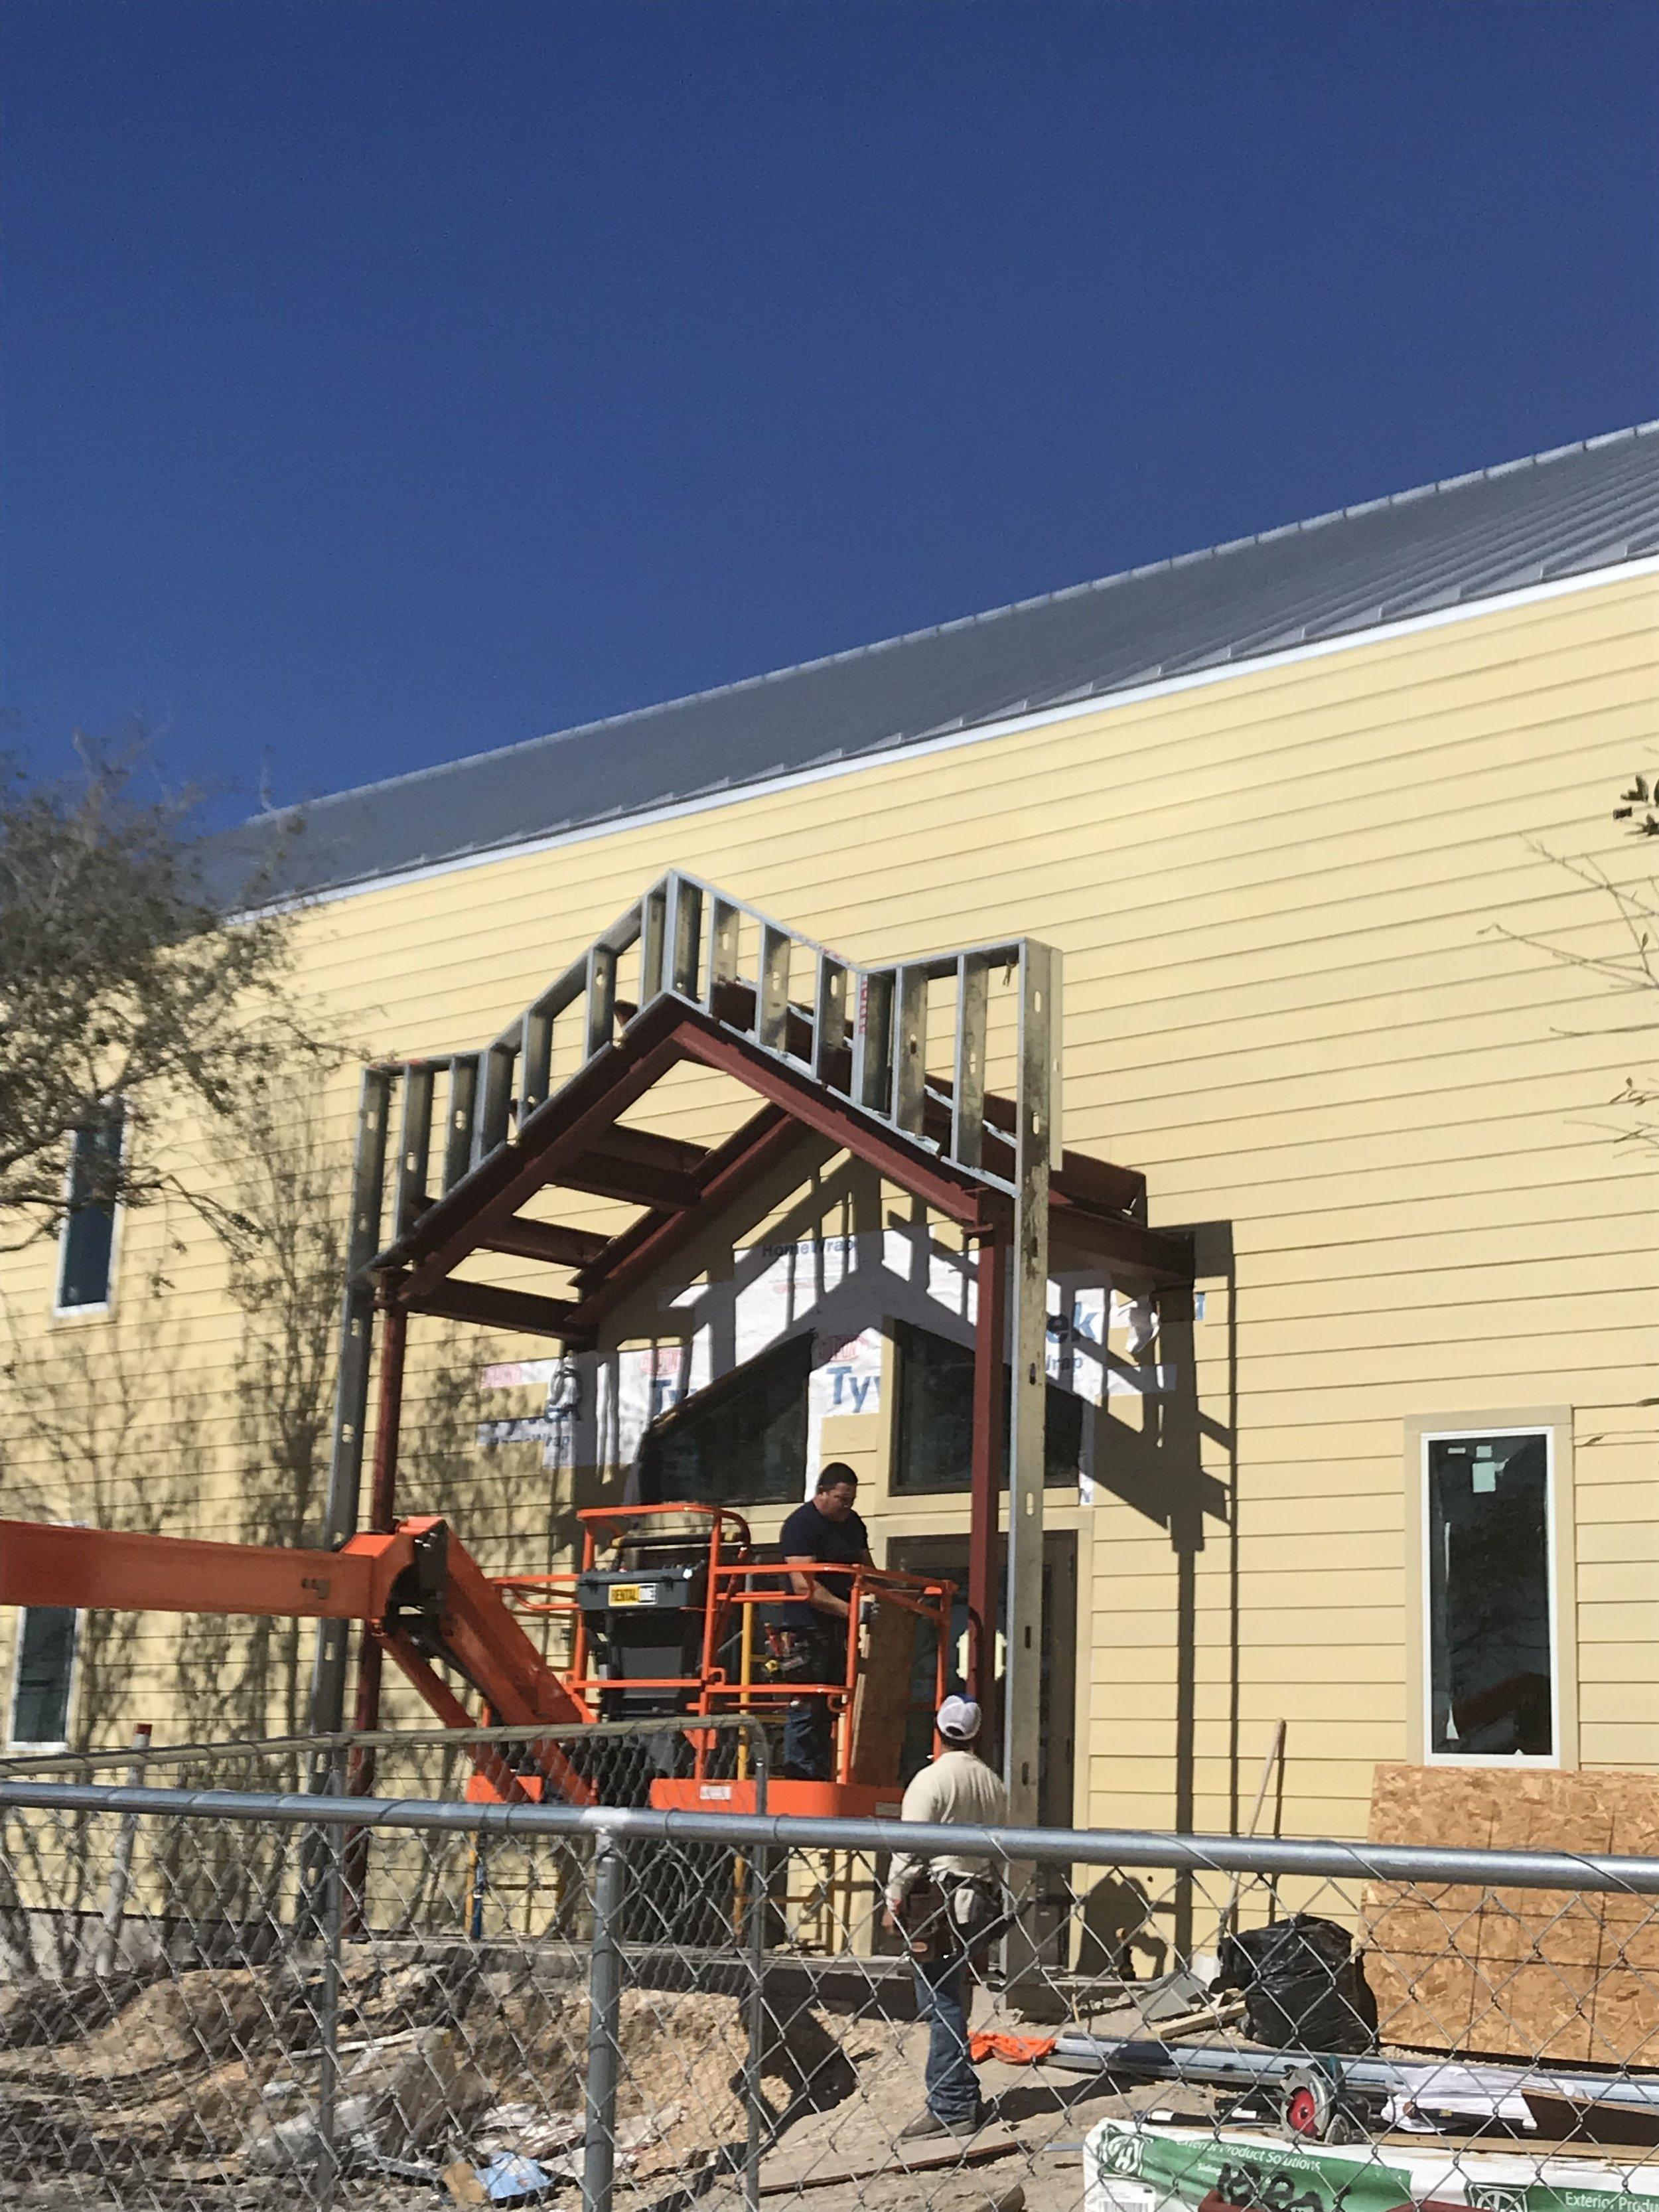 Main Entrance awning!